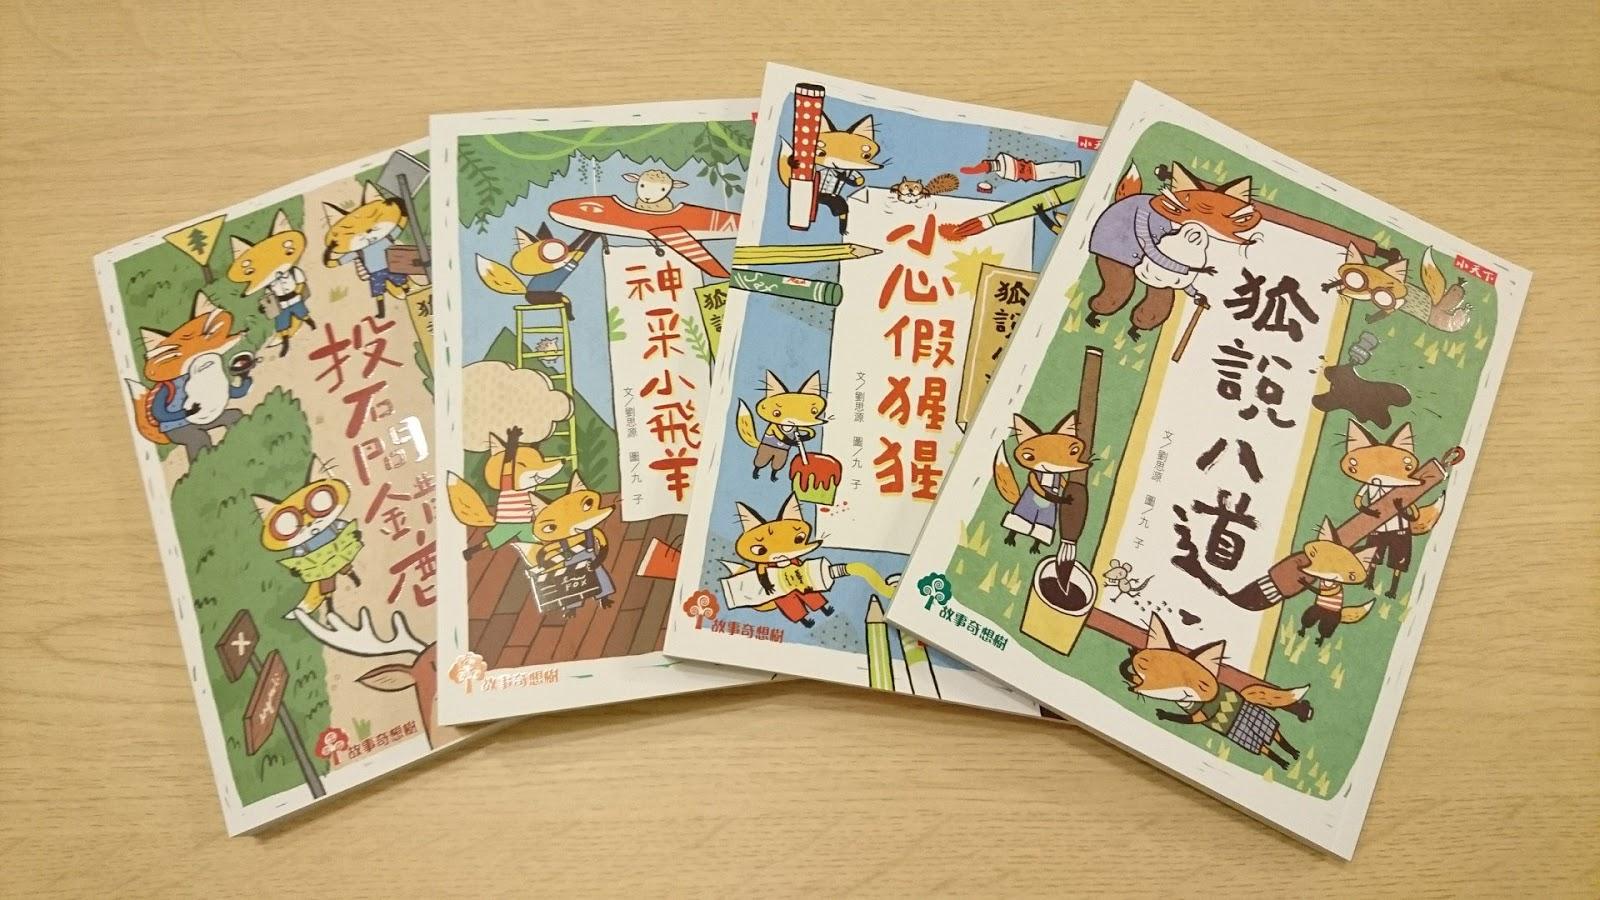 臭寶爸的育兒日誌: 狐說八道成語故事